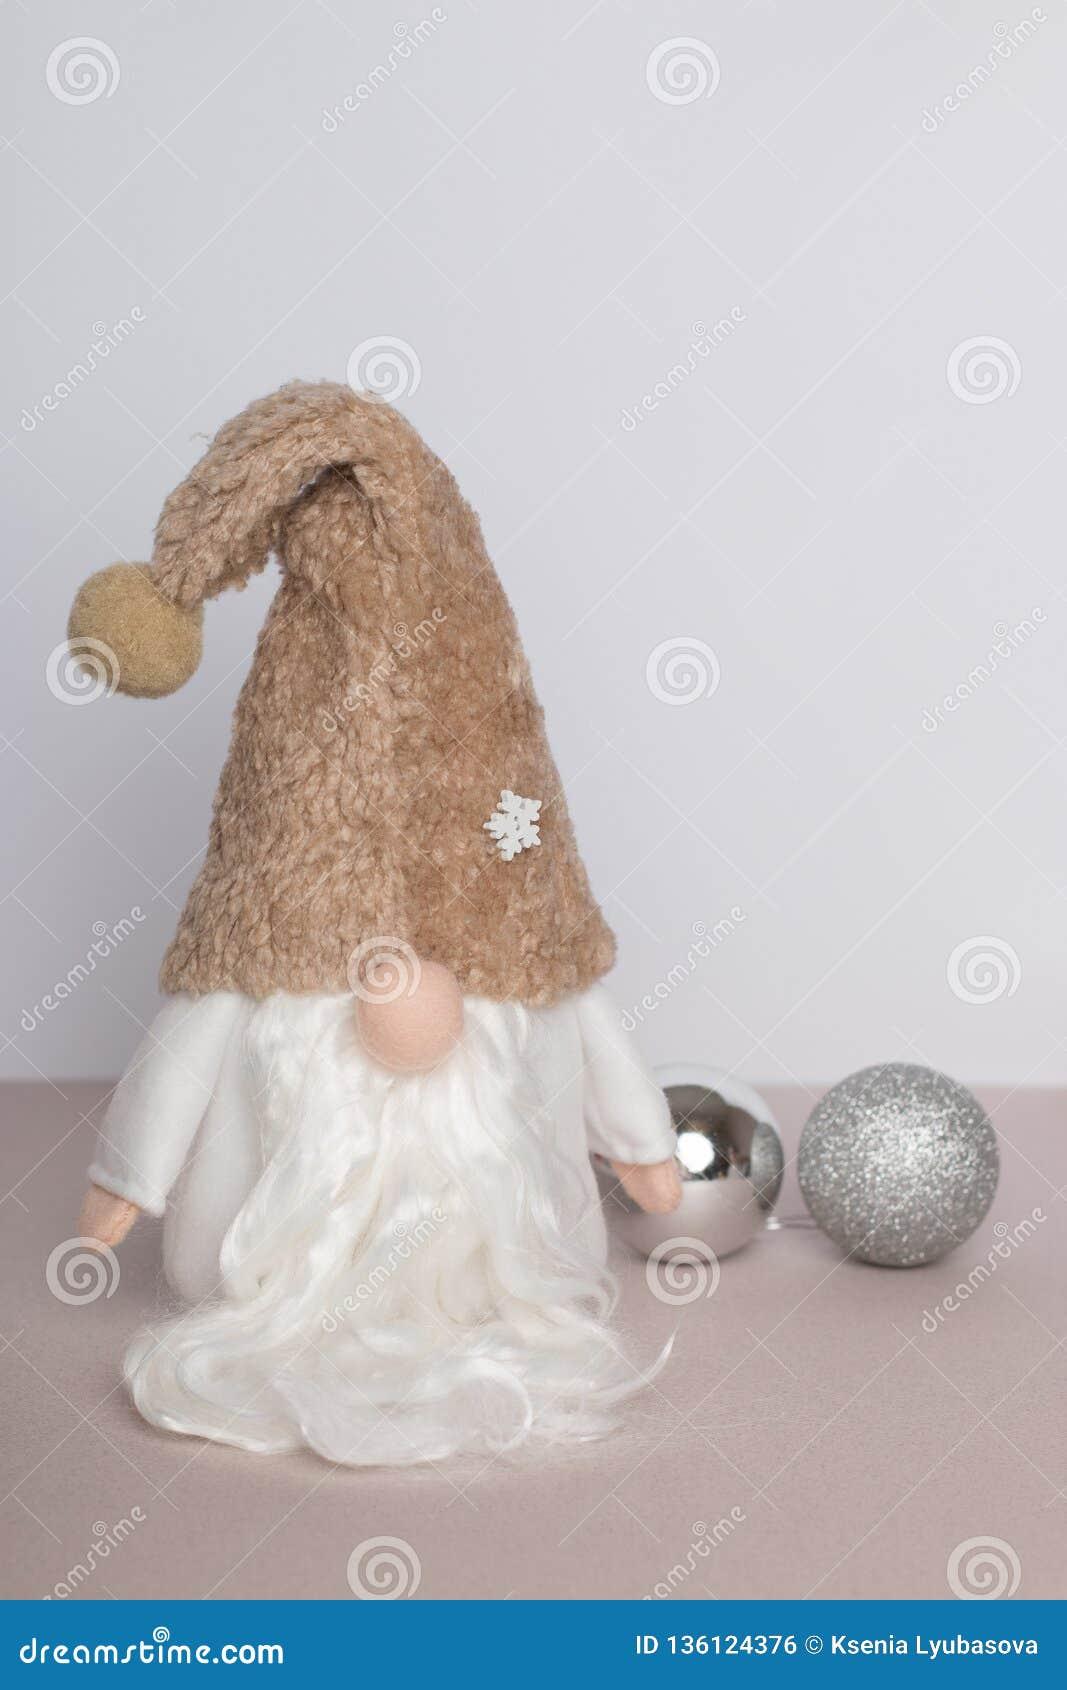 Gnomo escandinavo na roupa branca e no chapéu bege com as bolas de prata de ano novo em um fundo bege